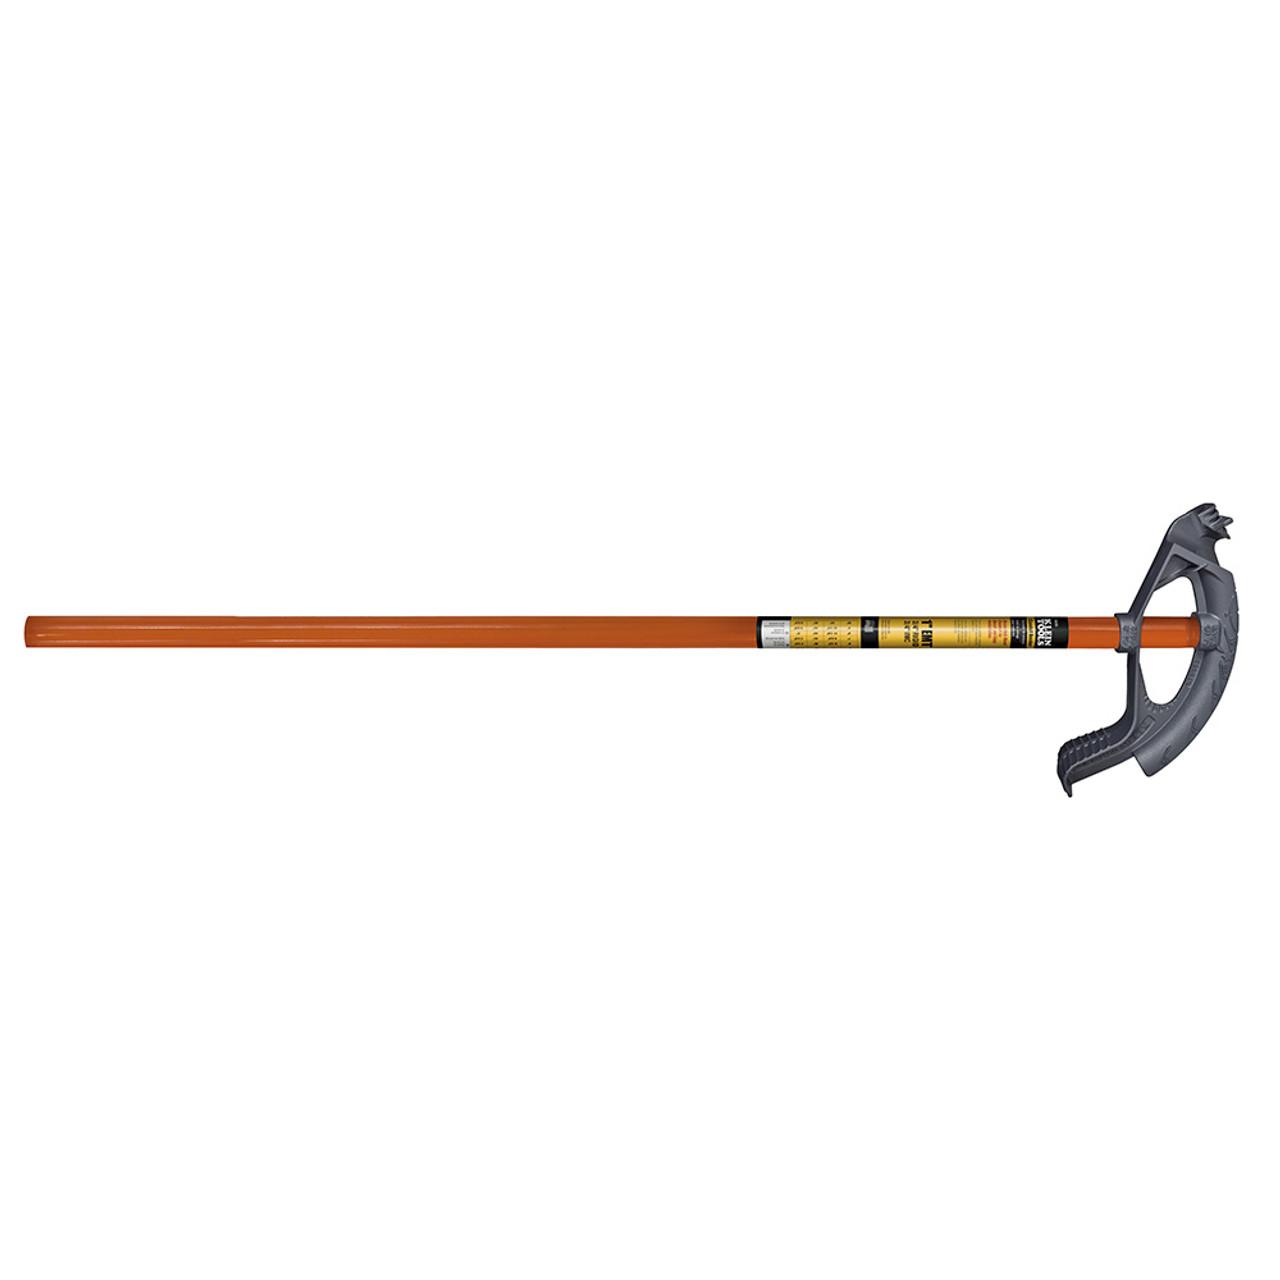 Klein 56204 Cable Bender for 3/4 Inch EMT